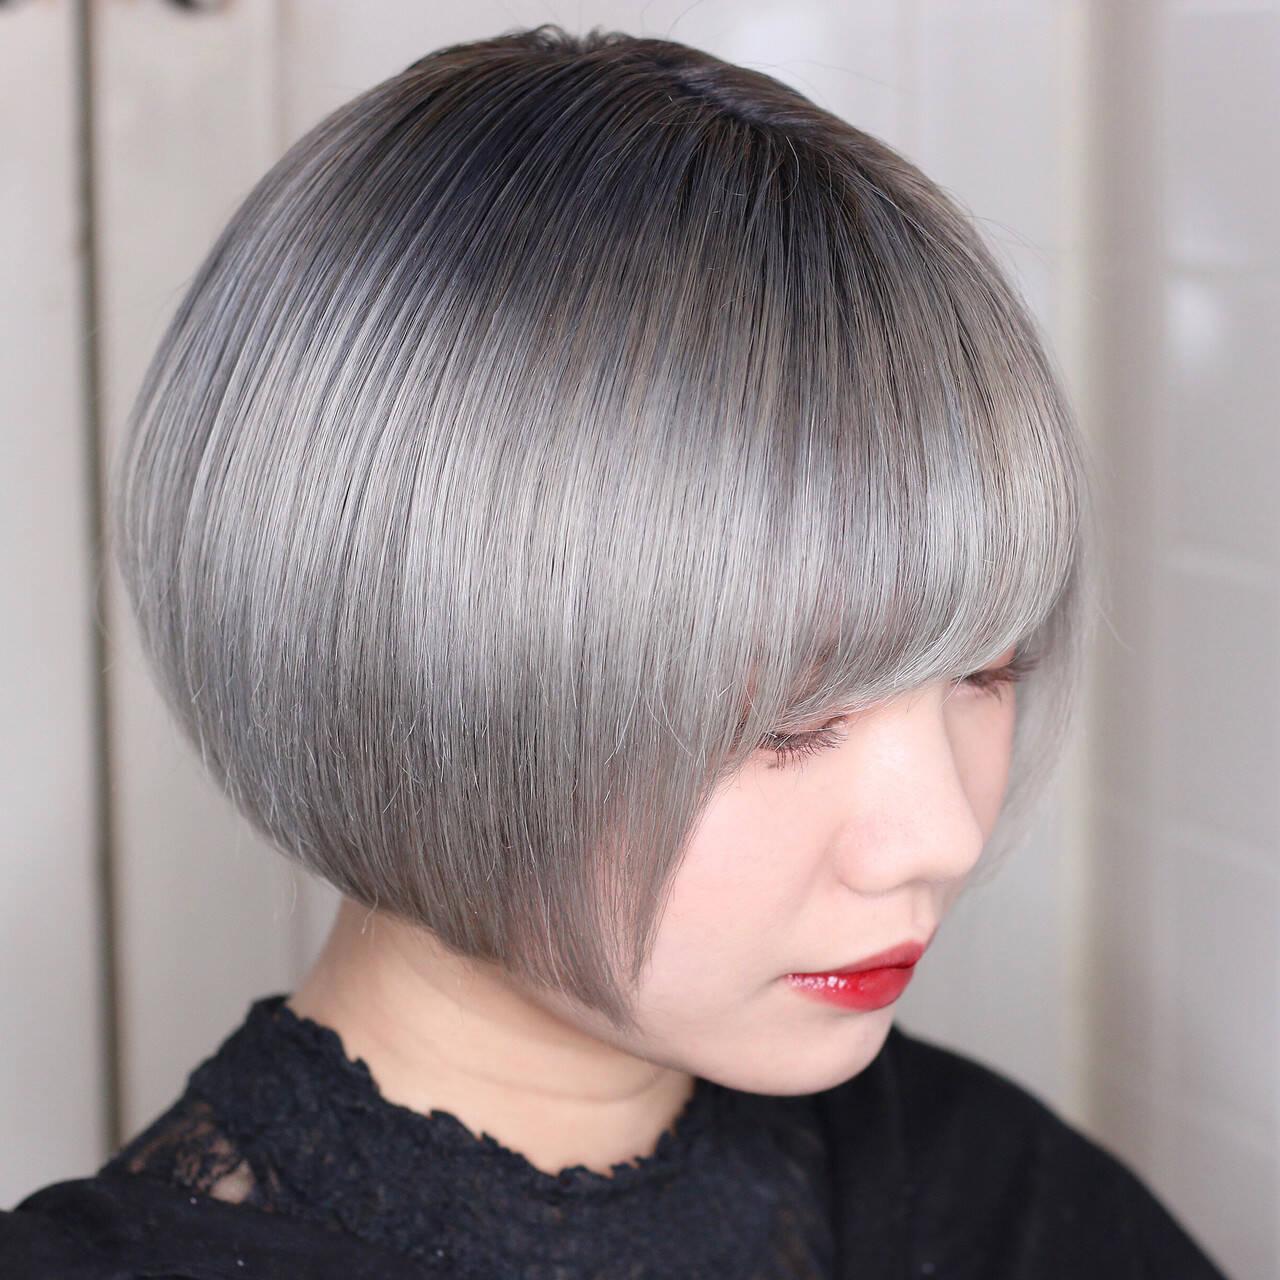 モード ハイトーンカラー ハイトーン ブリーチヘアスタイルや髪型の写真・画像